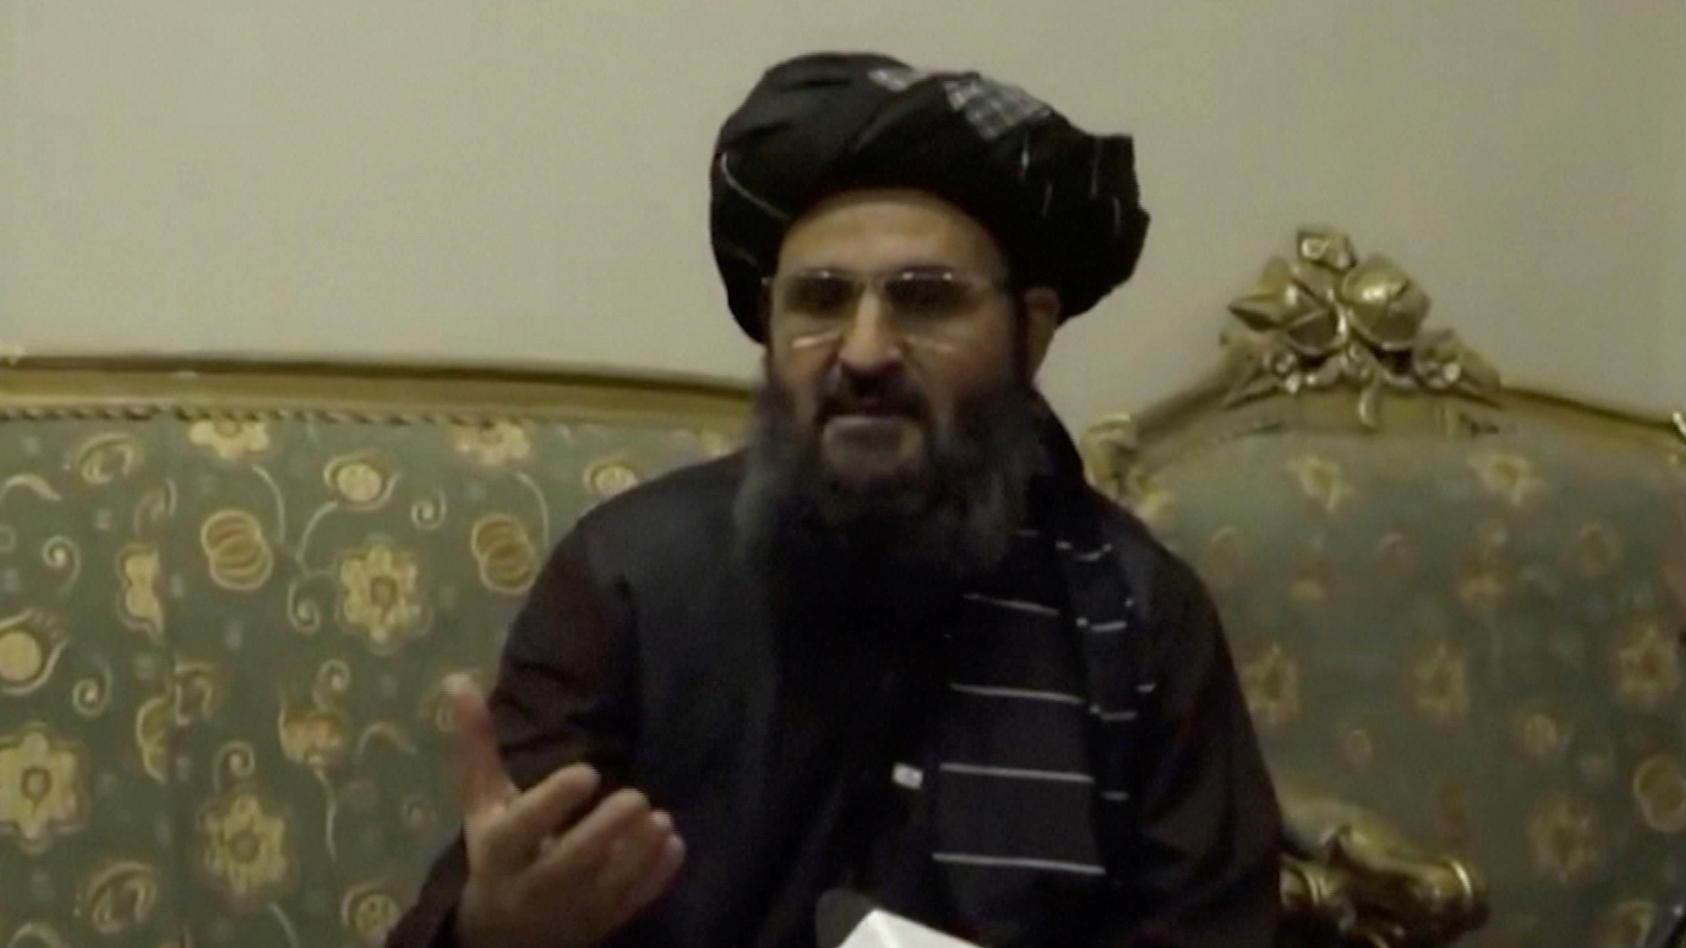 Tagelang war Abdul Ghani Baradarvon der Bildfläche verschwunden.